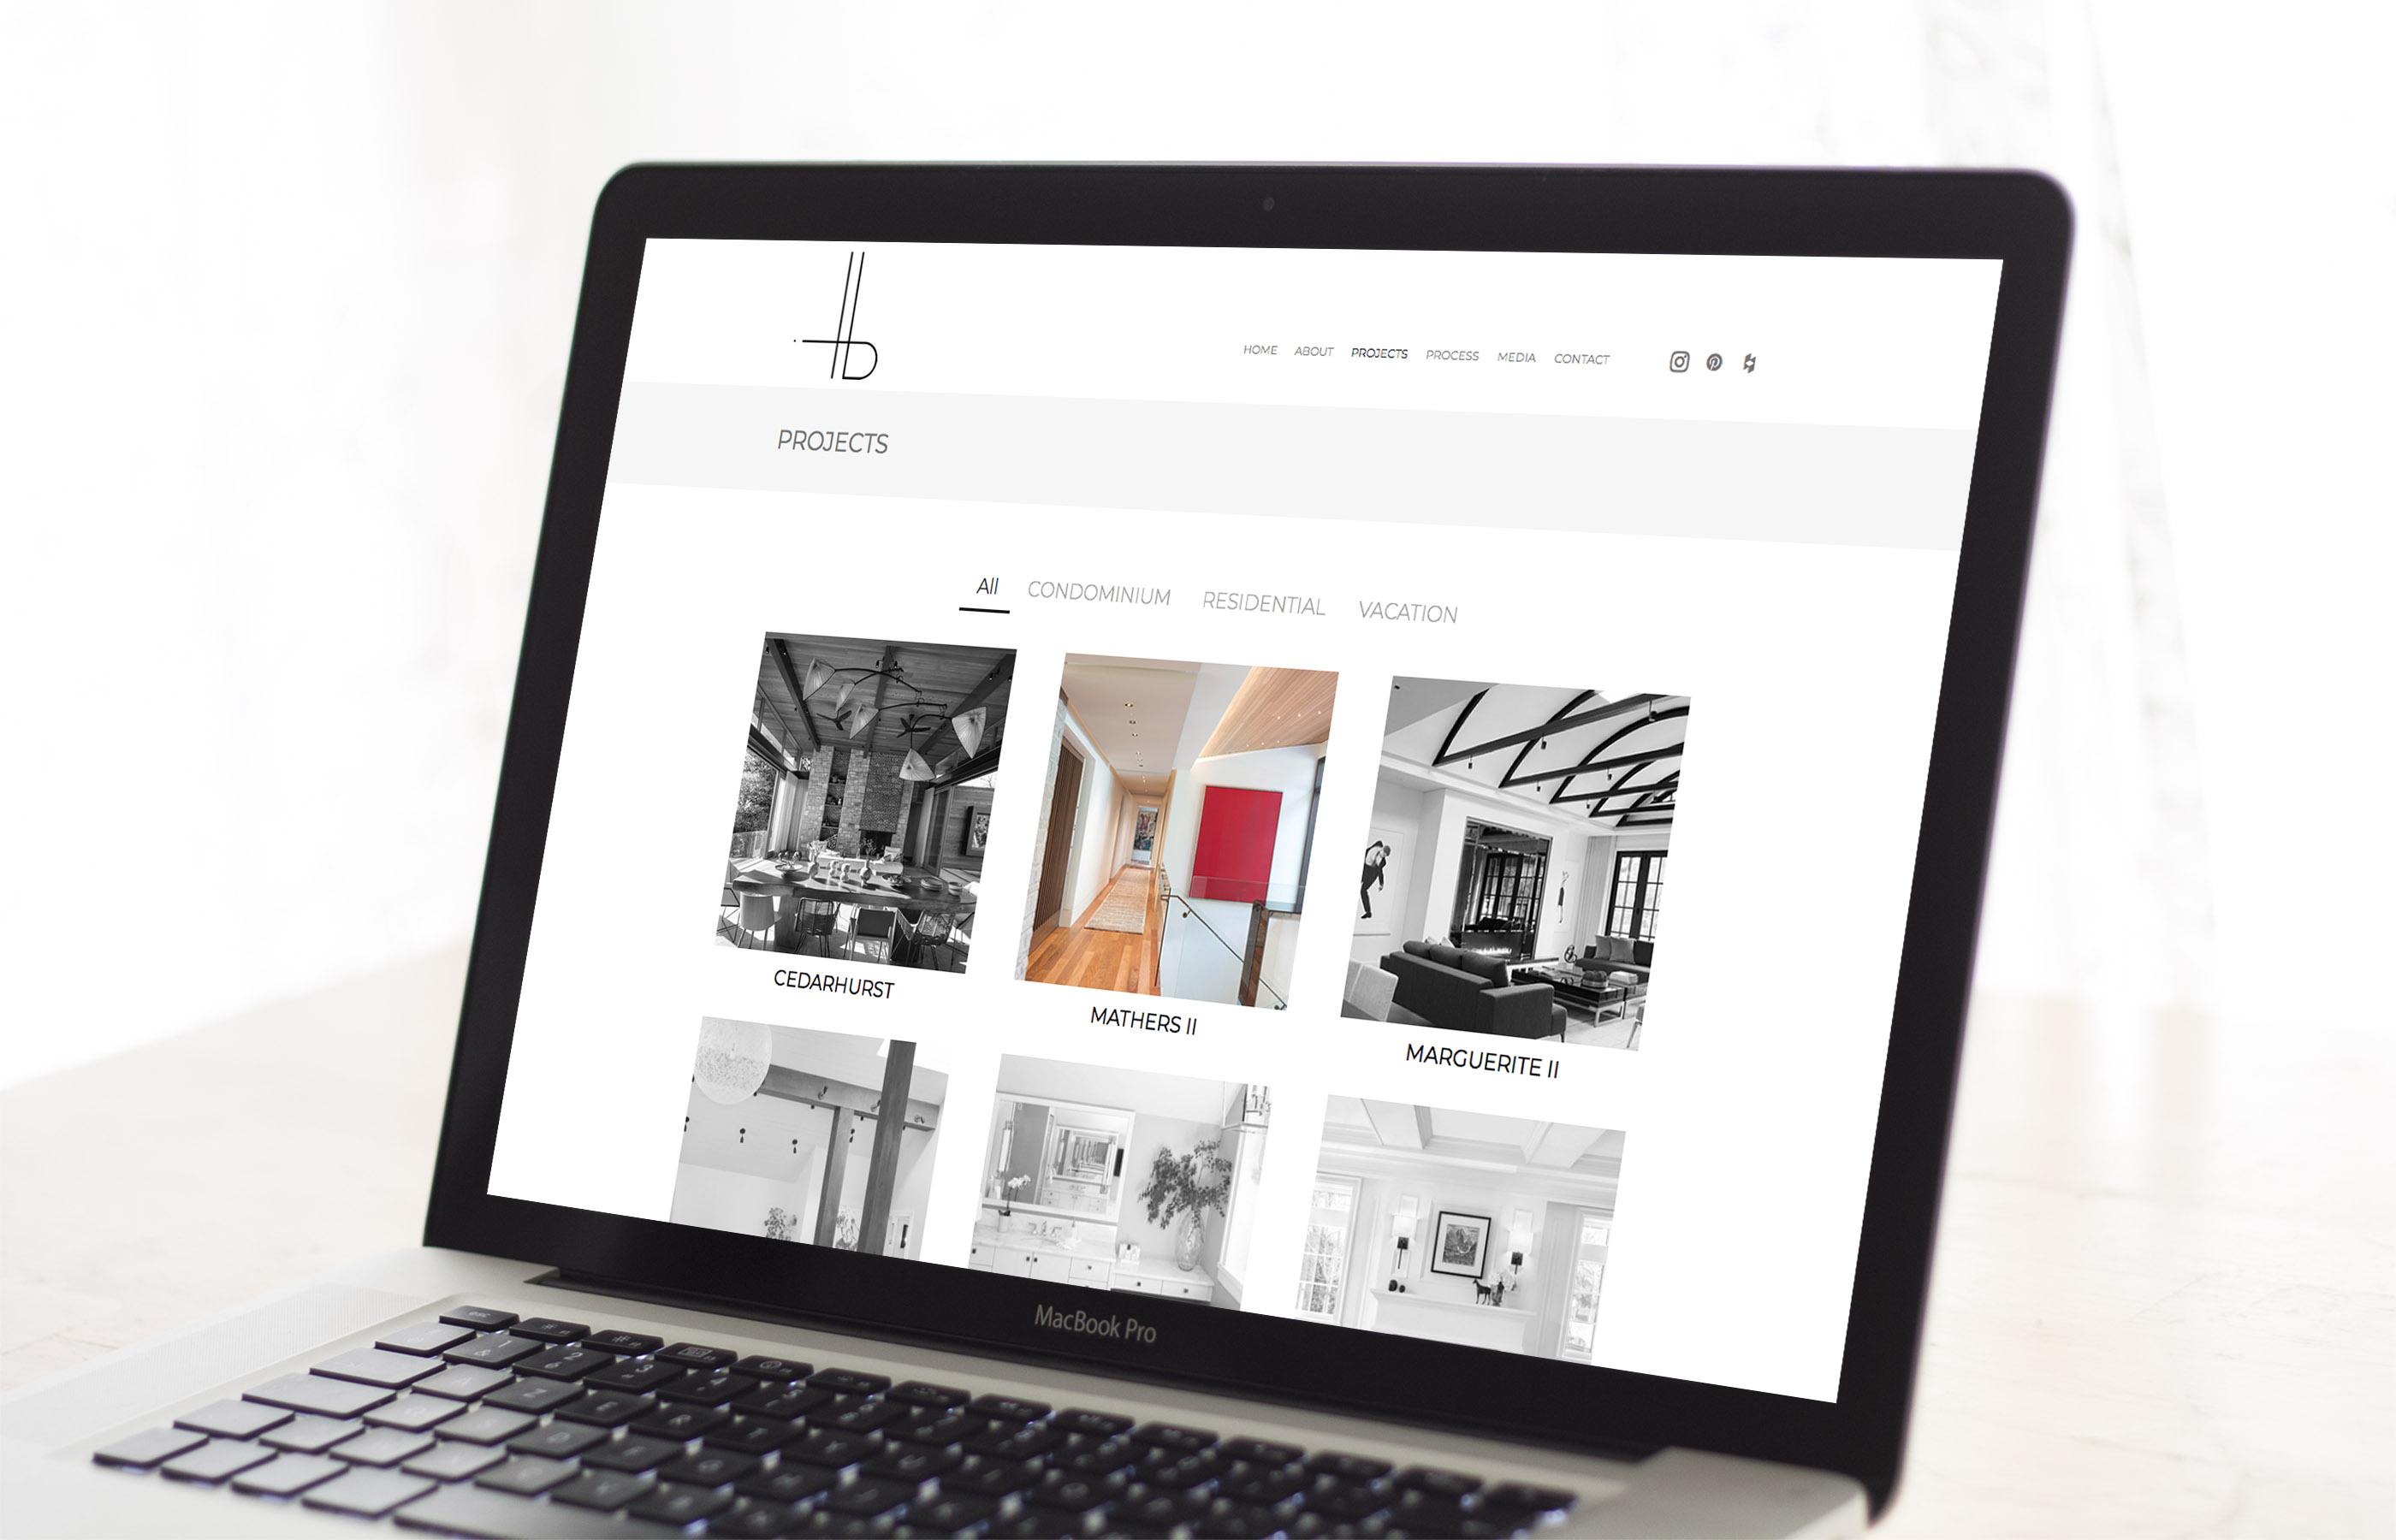 HB Design - Website Sample 2